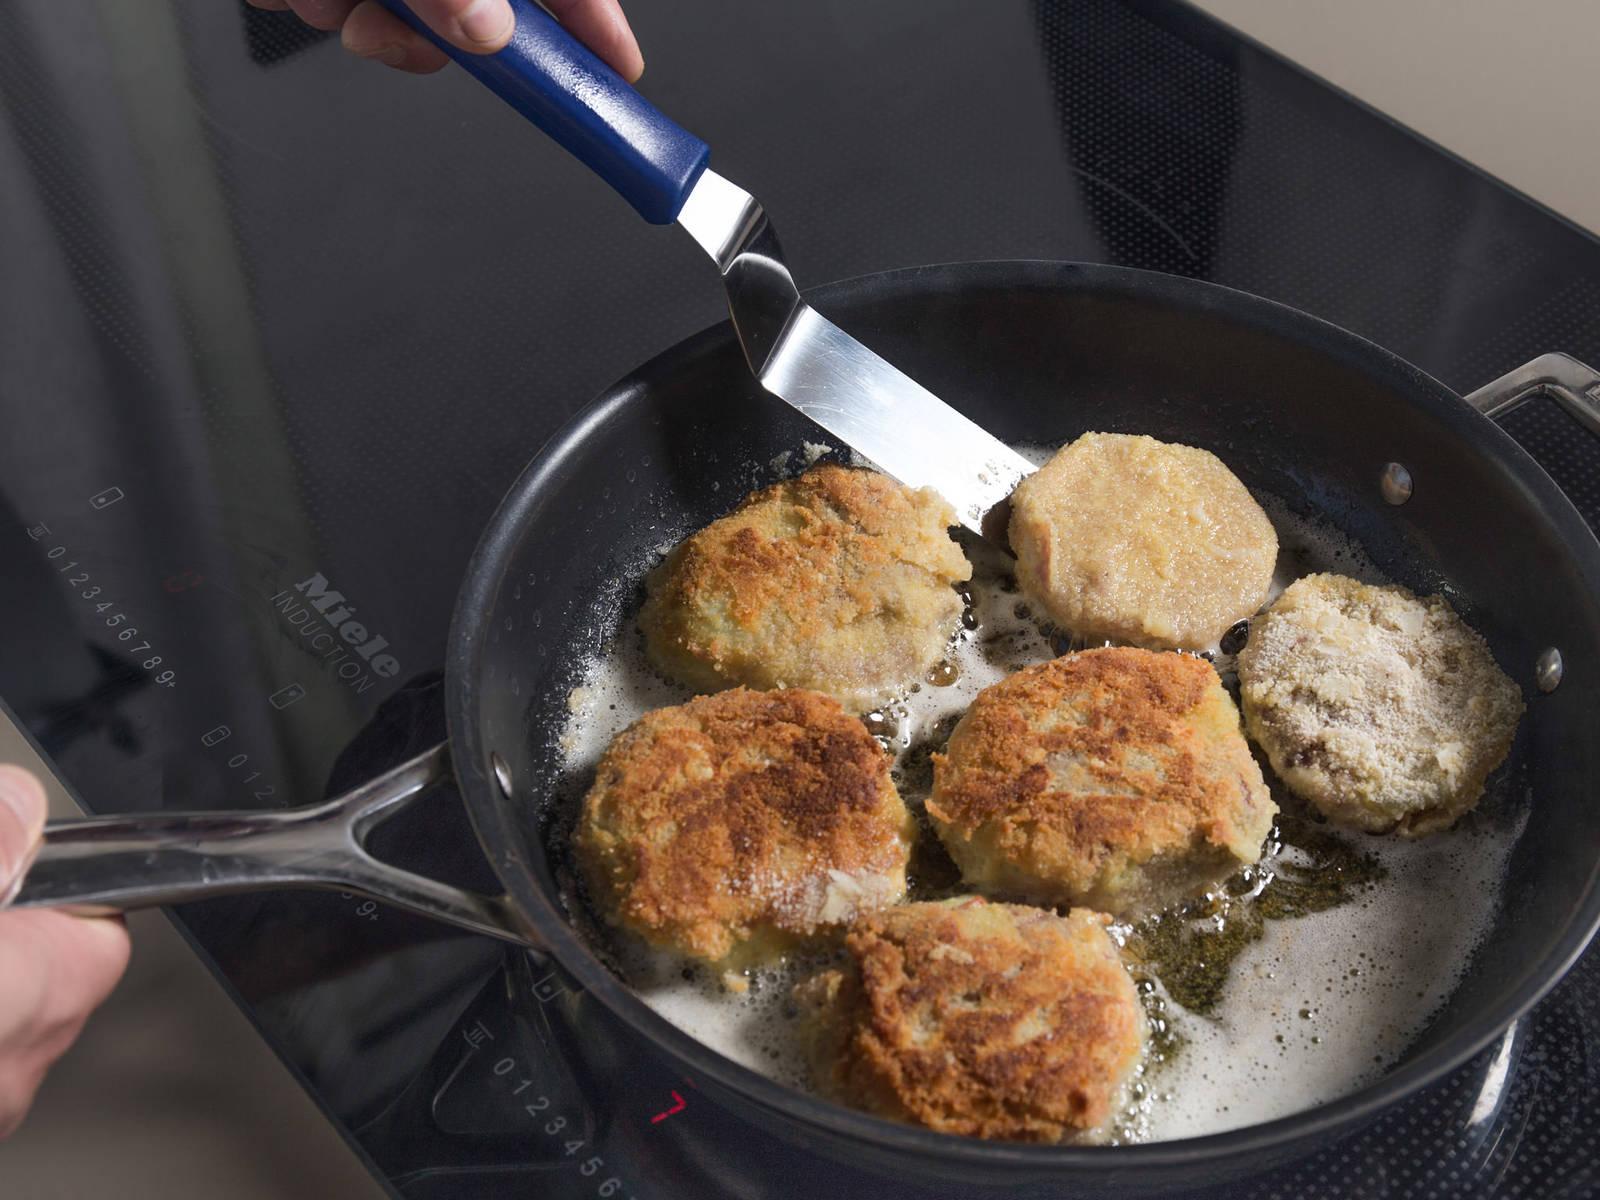 Butterschmalz in einer beschichteten Pfanne erhitzen. Kohlrabischeiben von jeder Seite ca. 5 Min. braten und auf einem mit Küchenpapier belegten Teller abtropfen lassen. Die Kohlrabi Schnitzel mit der grünen Sauce anrichten. Guten Appetit!